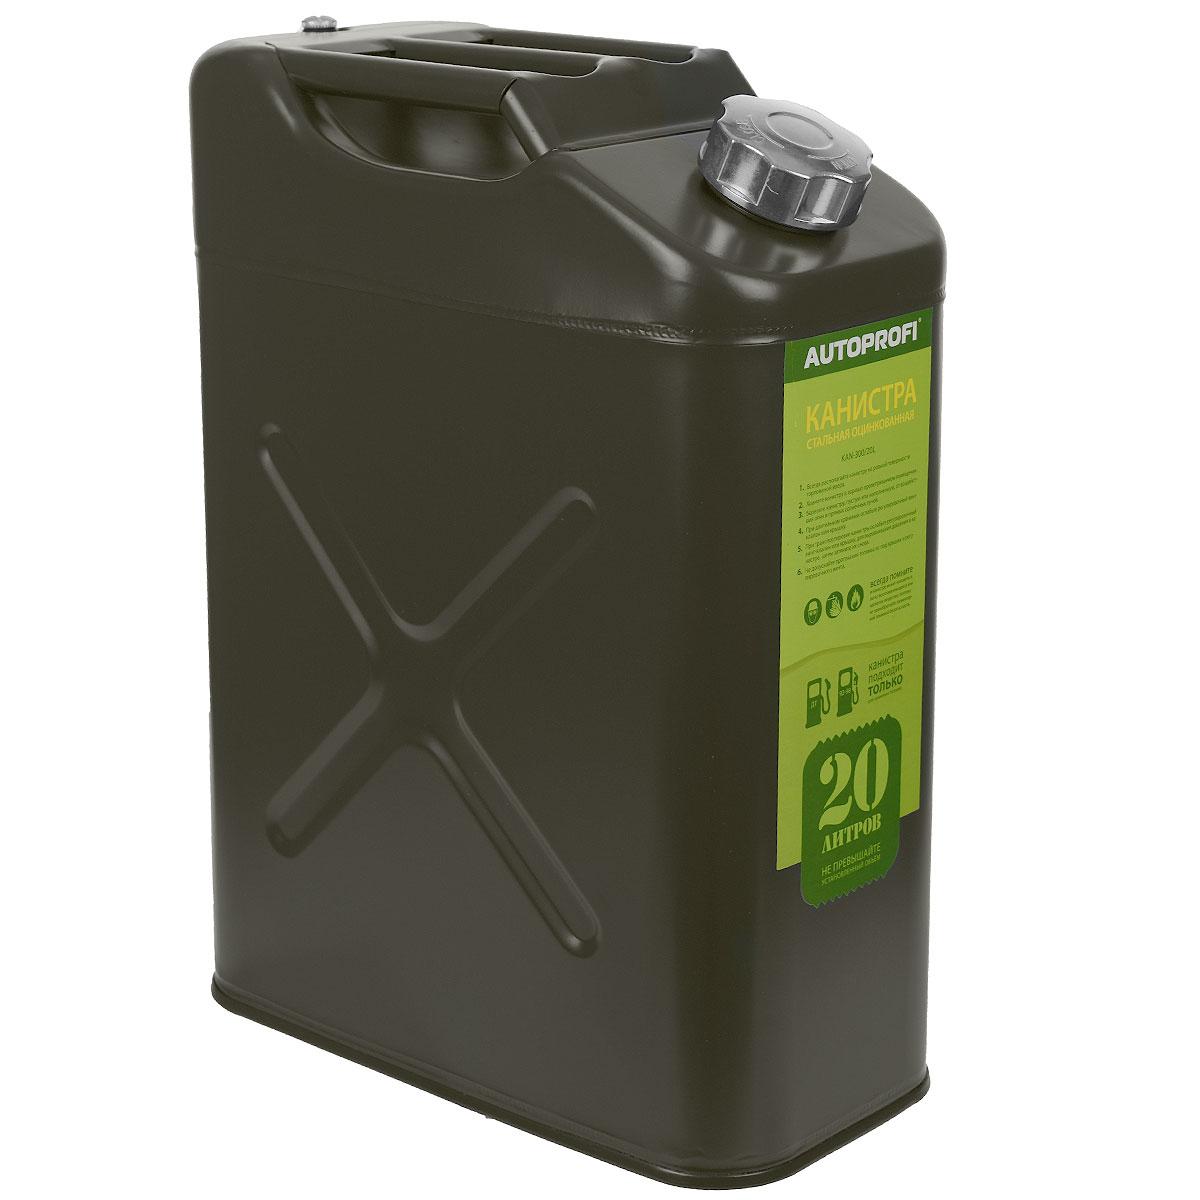 Канистра стальная Autoprofi, вертикальная, 20 л. KAN-300KAN-300 (20L)Универсальная 20-литровая канистра Autoprofi предназначена для хранения топлива любого вида. Канистра изготовлена из оцинкованной стали, которая обладает высокими антикоррозийными свойствами и устойчива к агрессивному воздействию заливаемой жидкости. Для удобства переноски изделие оснащено тремя ручками. В верхнюю часть канистры встроен регулировочный клапан, который выравнивает давление воздуха внутри емкости с атмосферным, ускоряя процесс заливки и опорожнения. С канистрой также поставляется гофрированная трубка-лейка, находящаяся под крышкой. С ее помощью удобно заливать топливо в горловину бака любой конфигурации. Характеристики: Материал: оцинкованная сталь. Цвет: черный. Объем: 20 л. Размер канистры (ДхШхВ): 34,5 см х 17,5 см х 46 см. Размер упаковки: 35 см х 19 см х 48 см. Артикул: KAN-300.